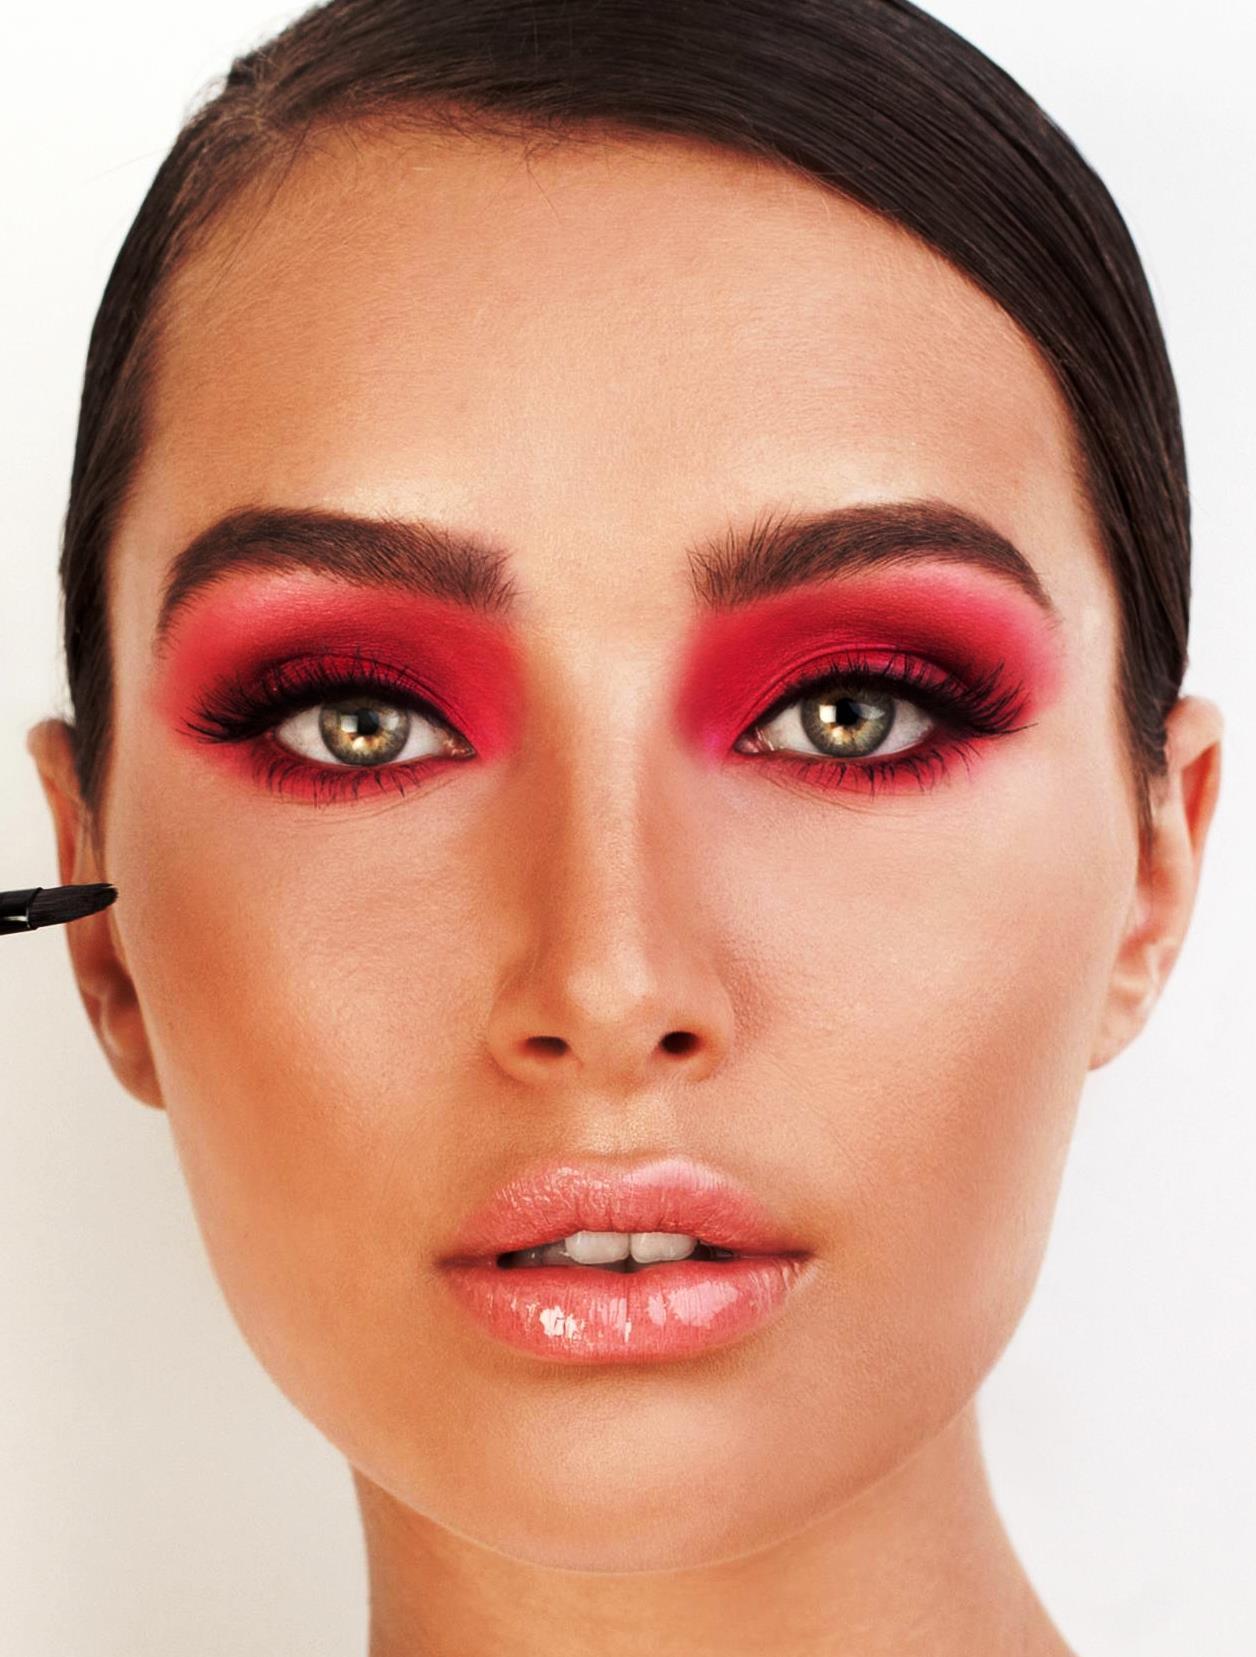 כשצללית העיניים בוורוד כהה השפתון צריך להיות ורוד בהיר. צילום מירב בן לולו